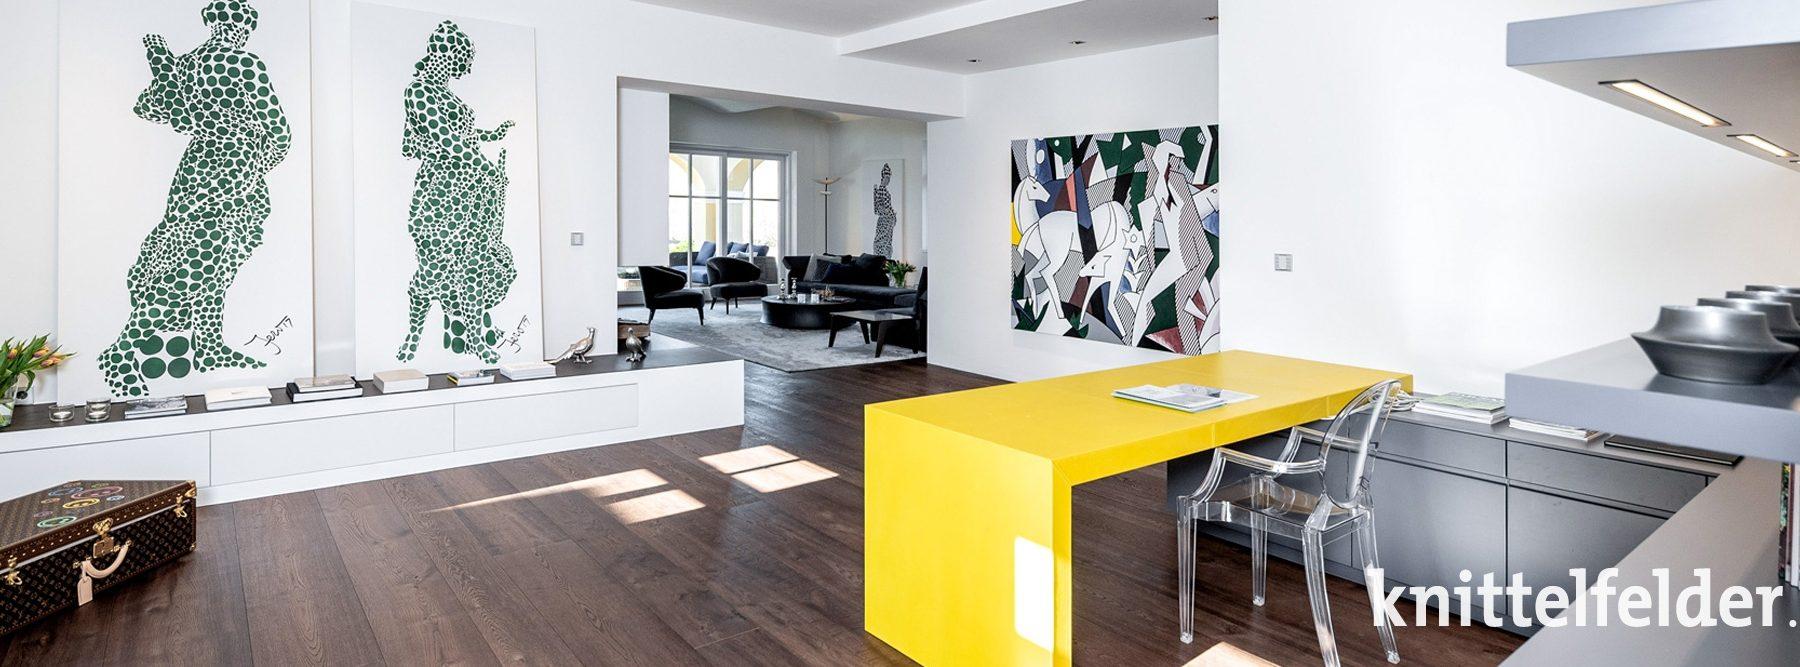 Einrichtungshaus_Knittelfelder_Projekt_Wohnhaus_T-9580